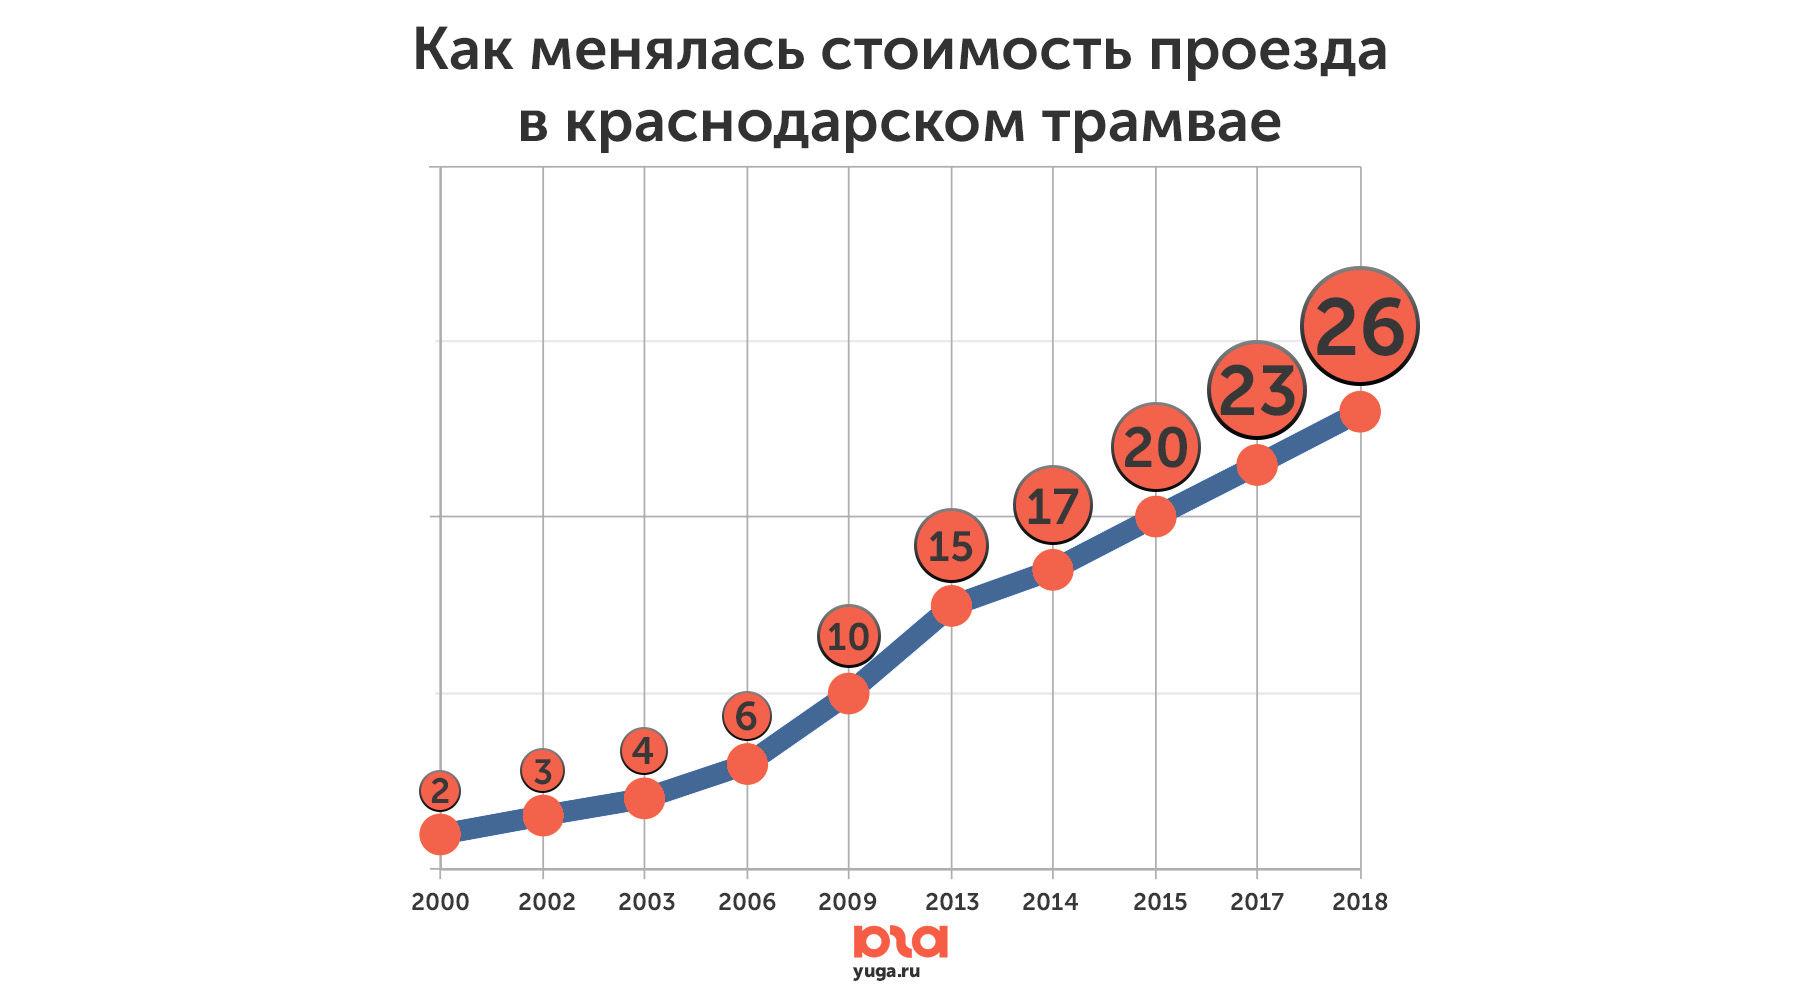 Как менялась стоимость проезда в краснодарском трамвае ©Инфографика Юга.ру